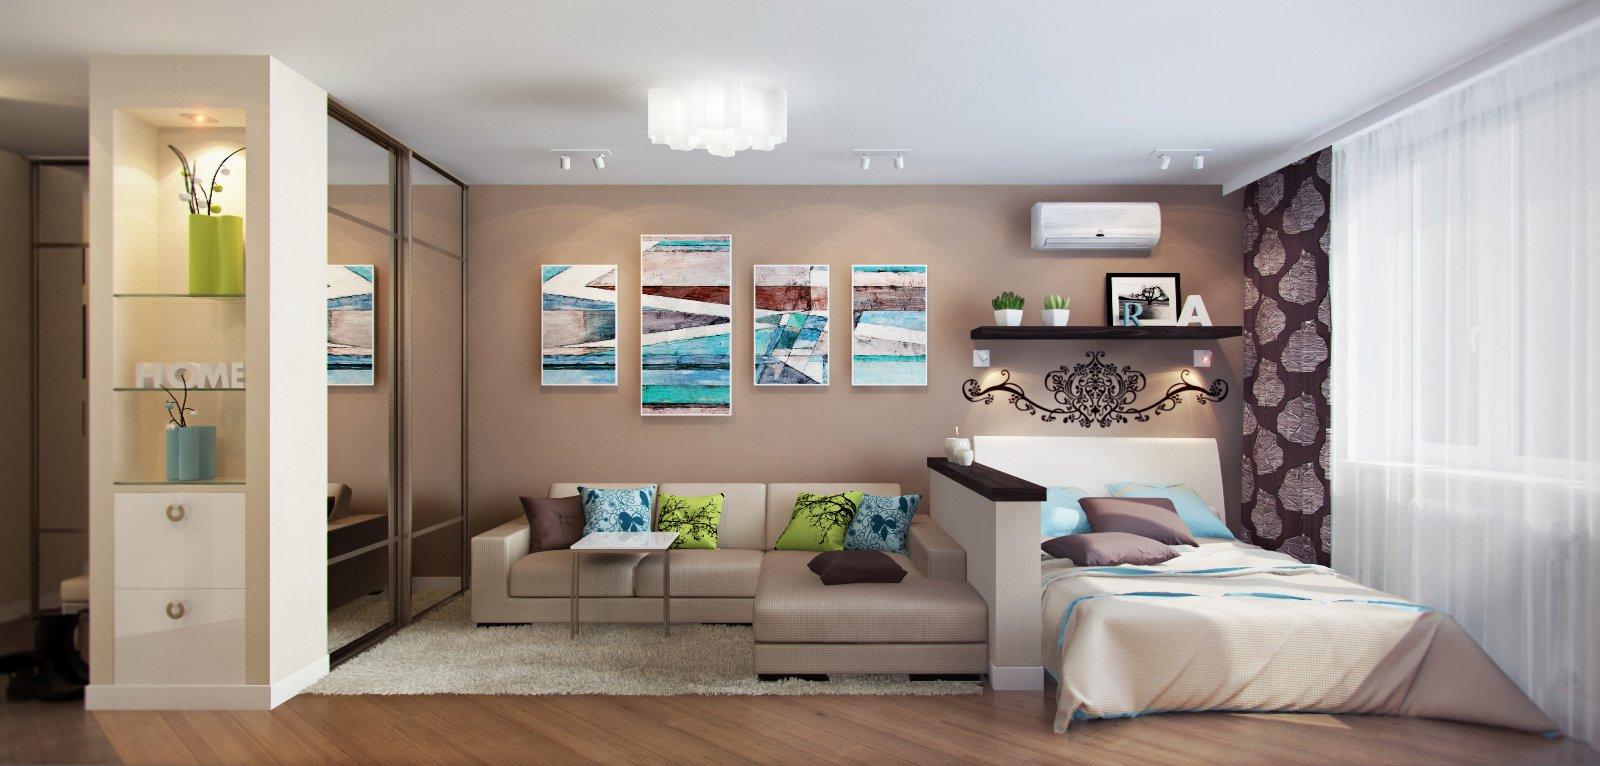 100 лучших идей дизайна: линолеум в интерьере квартиры на фото